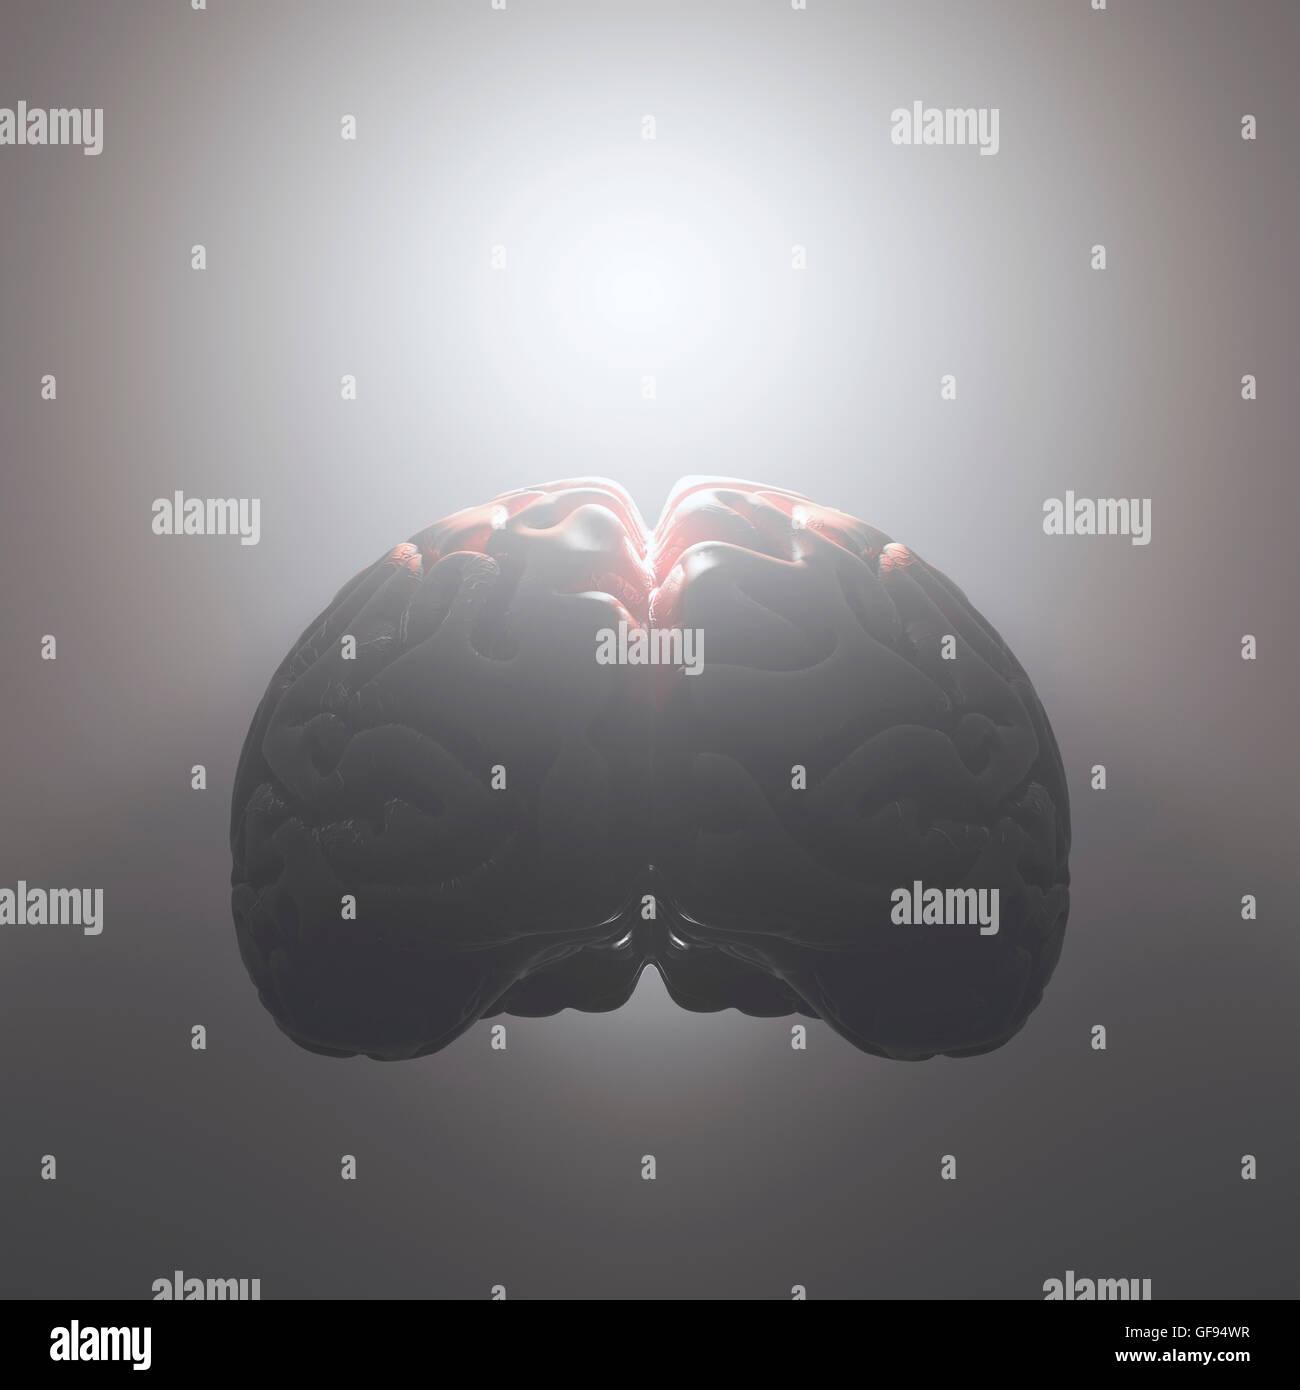 Cerebro Humano contra un fondo gris, ilustración. Imagen De Stock